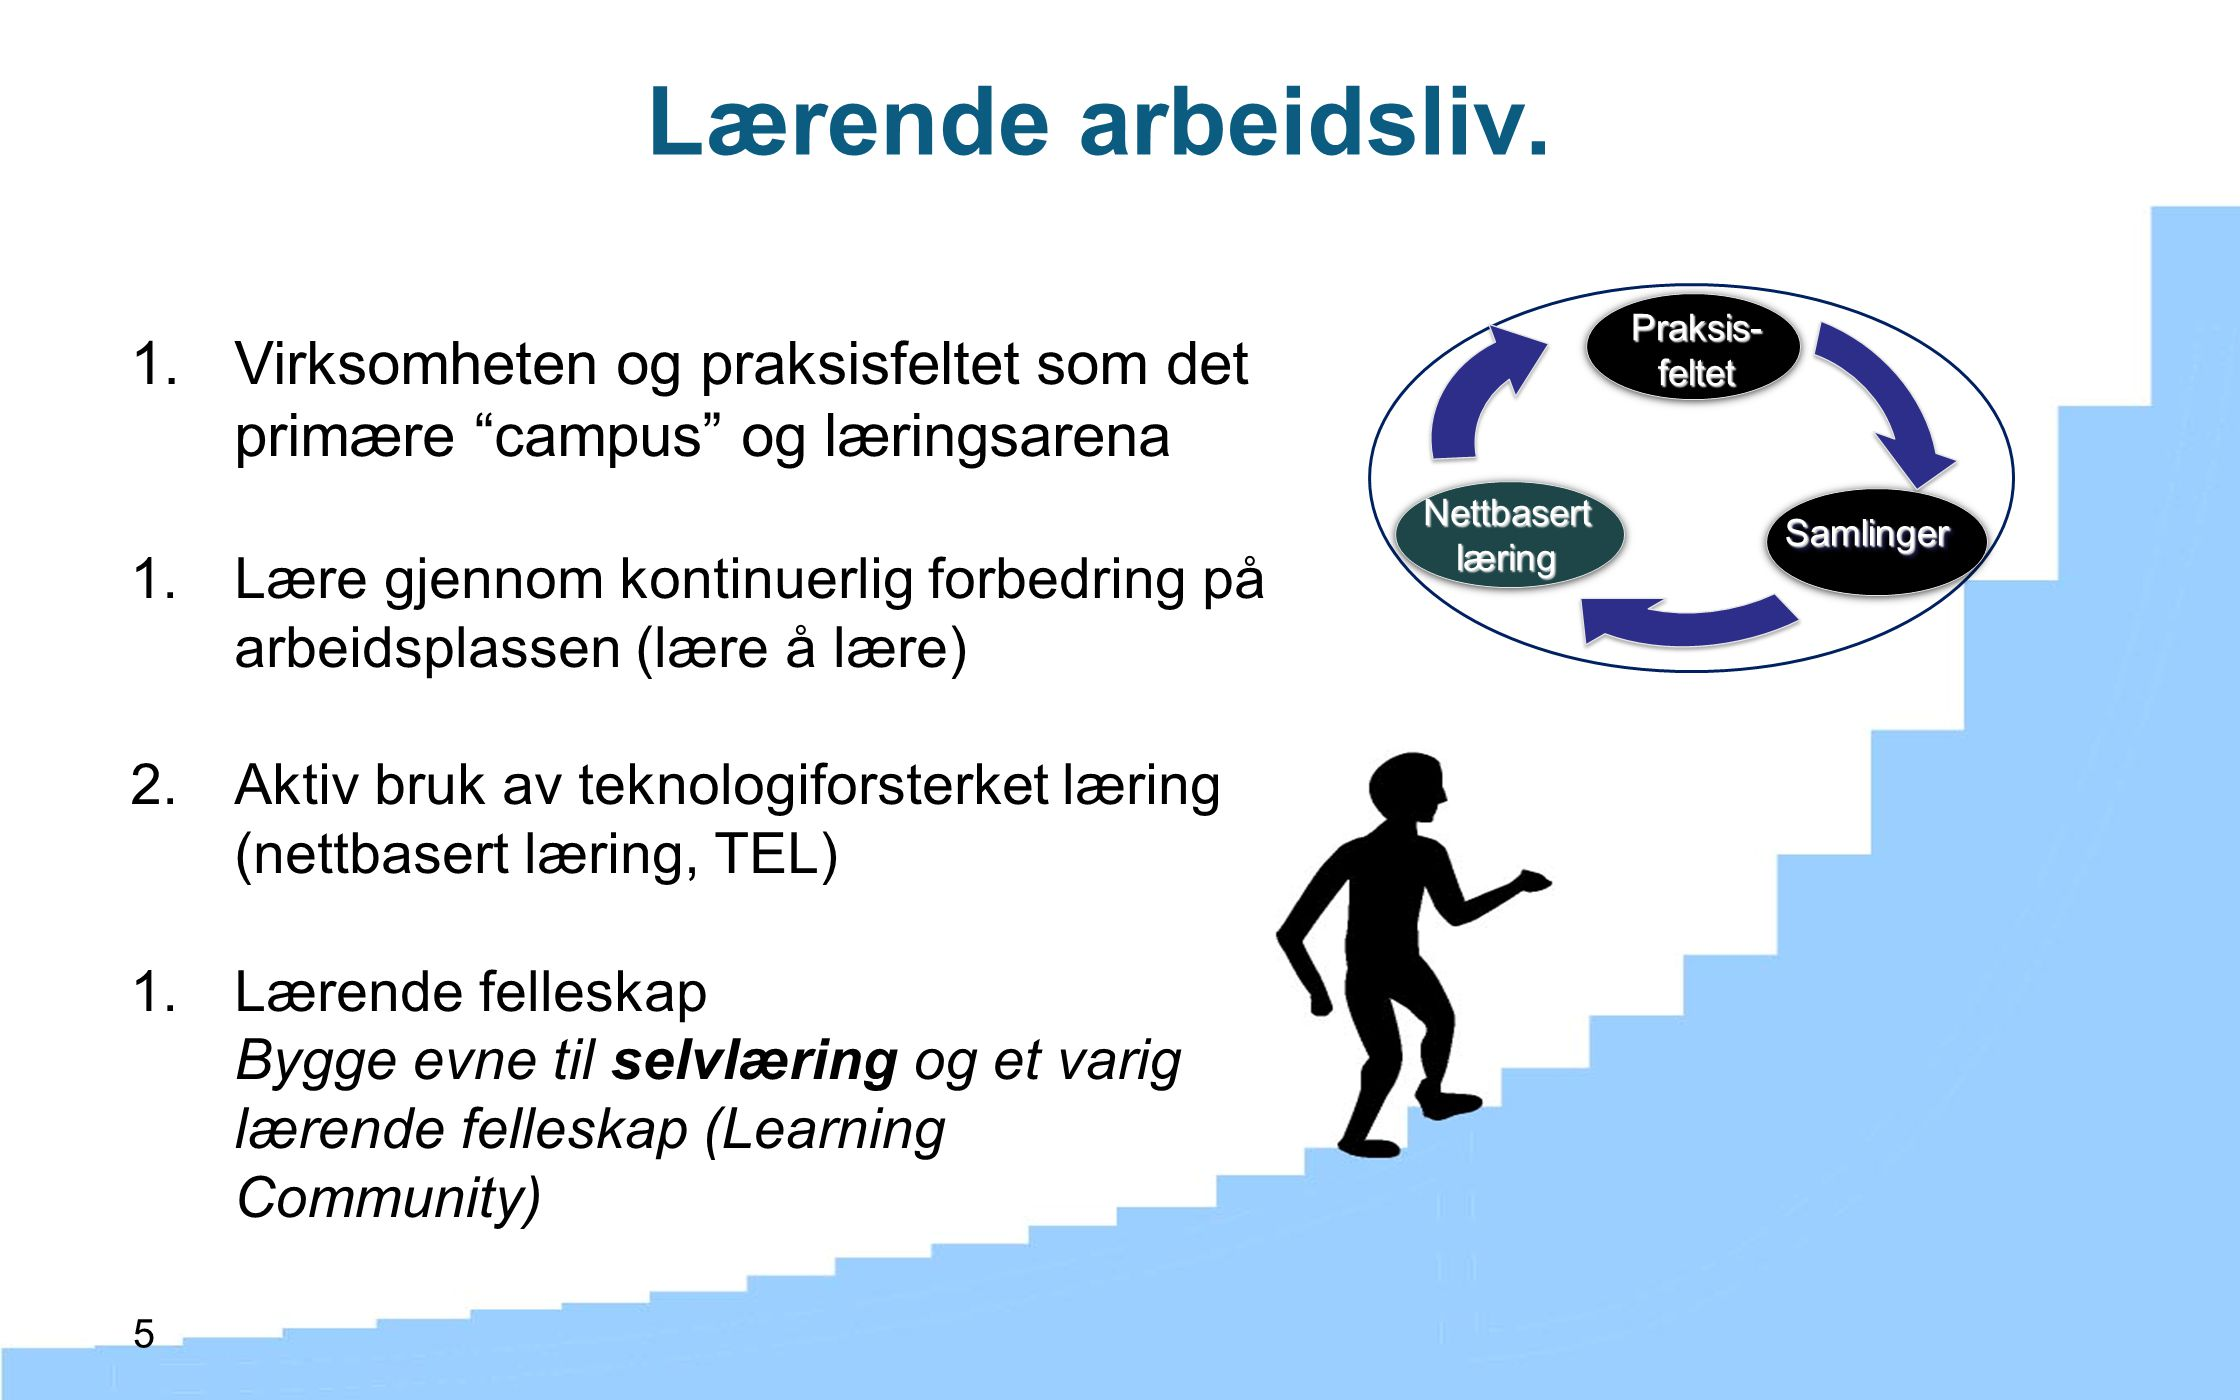 Lærende arbeidsliv. Virksomheten og praksisfeltet som det primære campus og læringsarena.